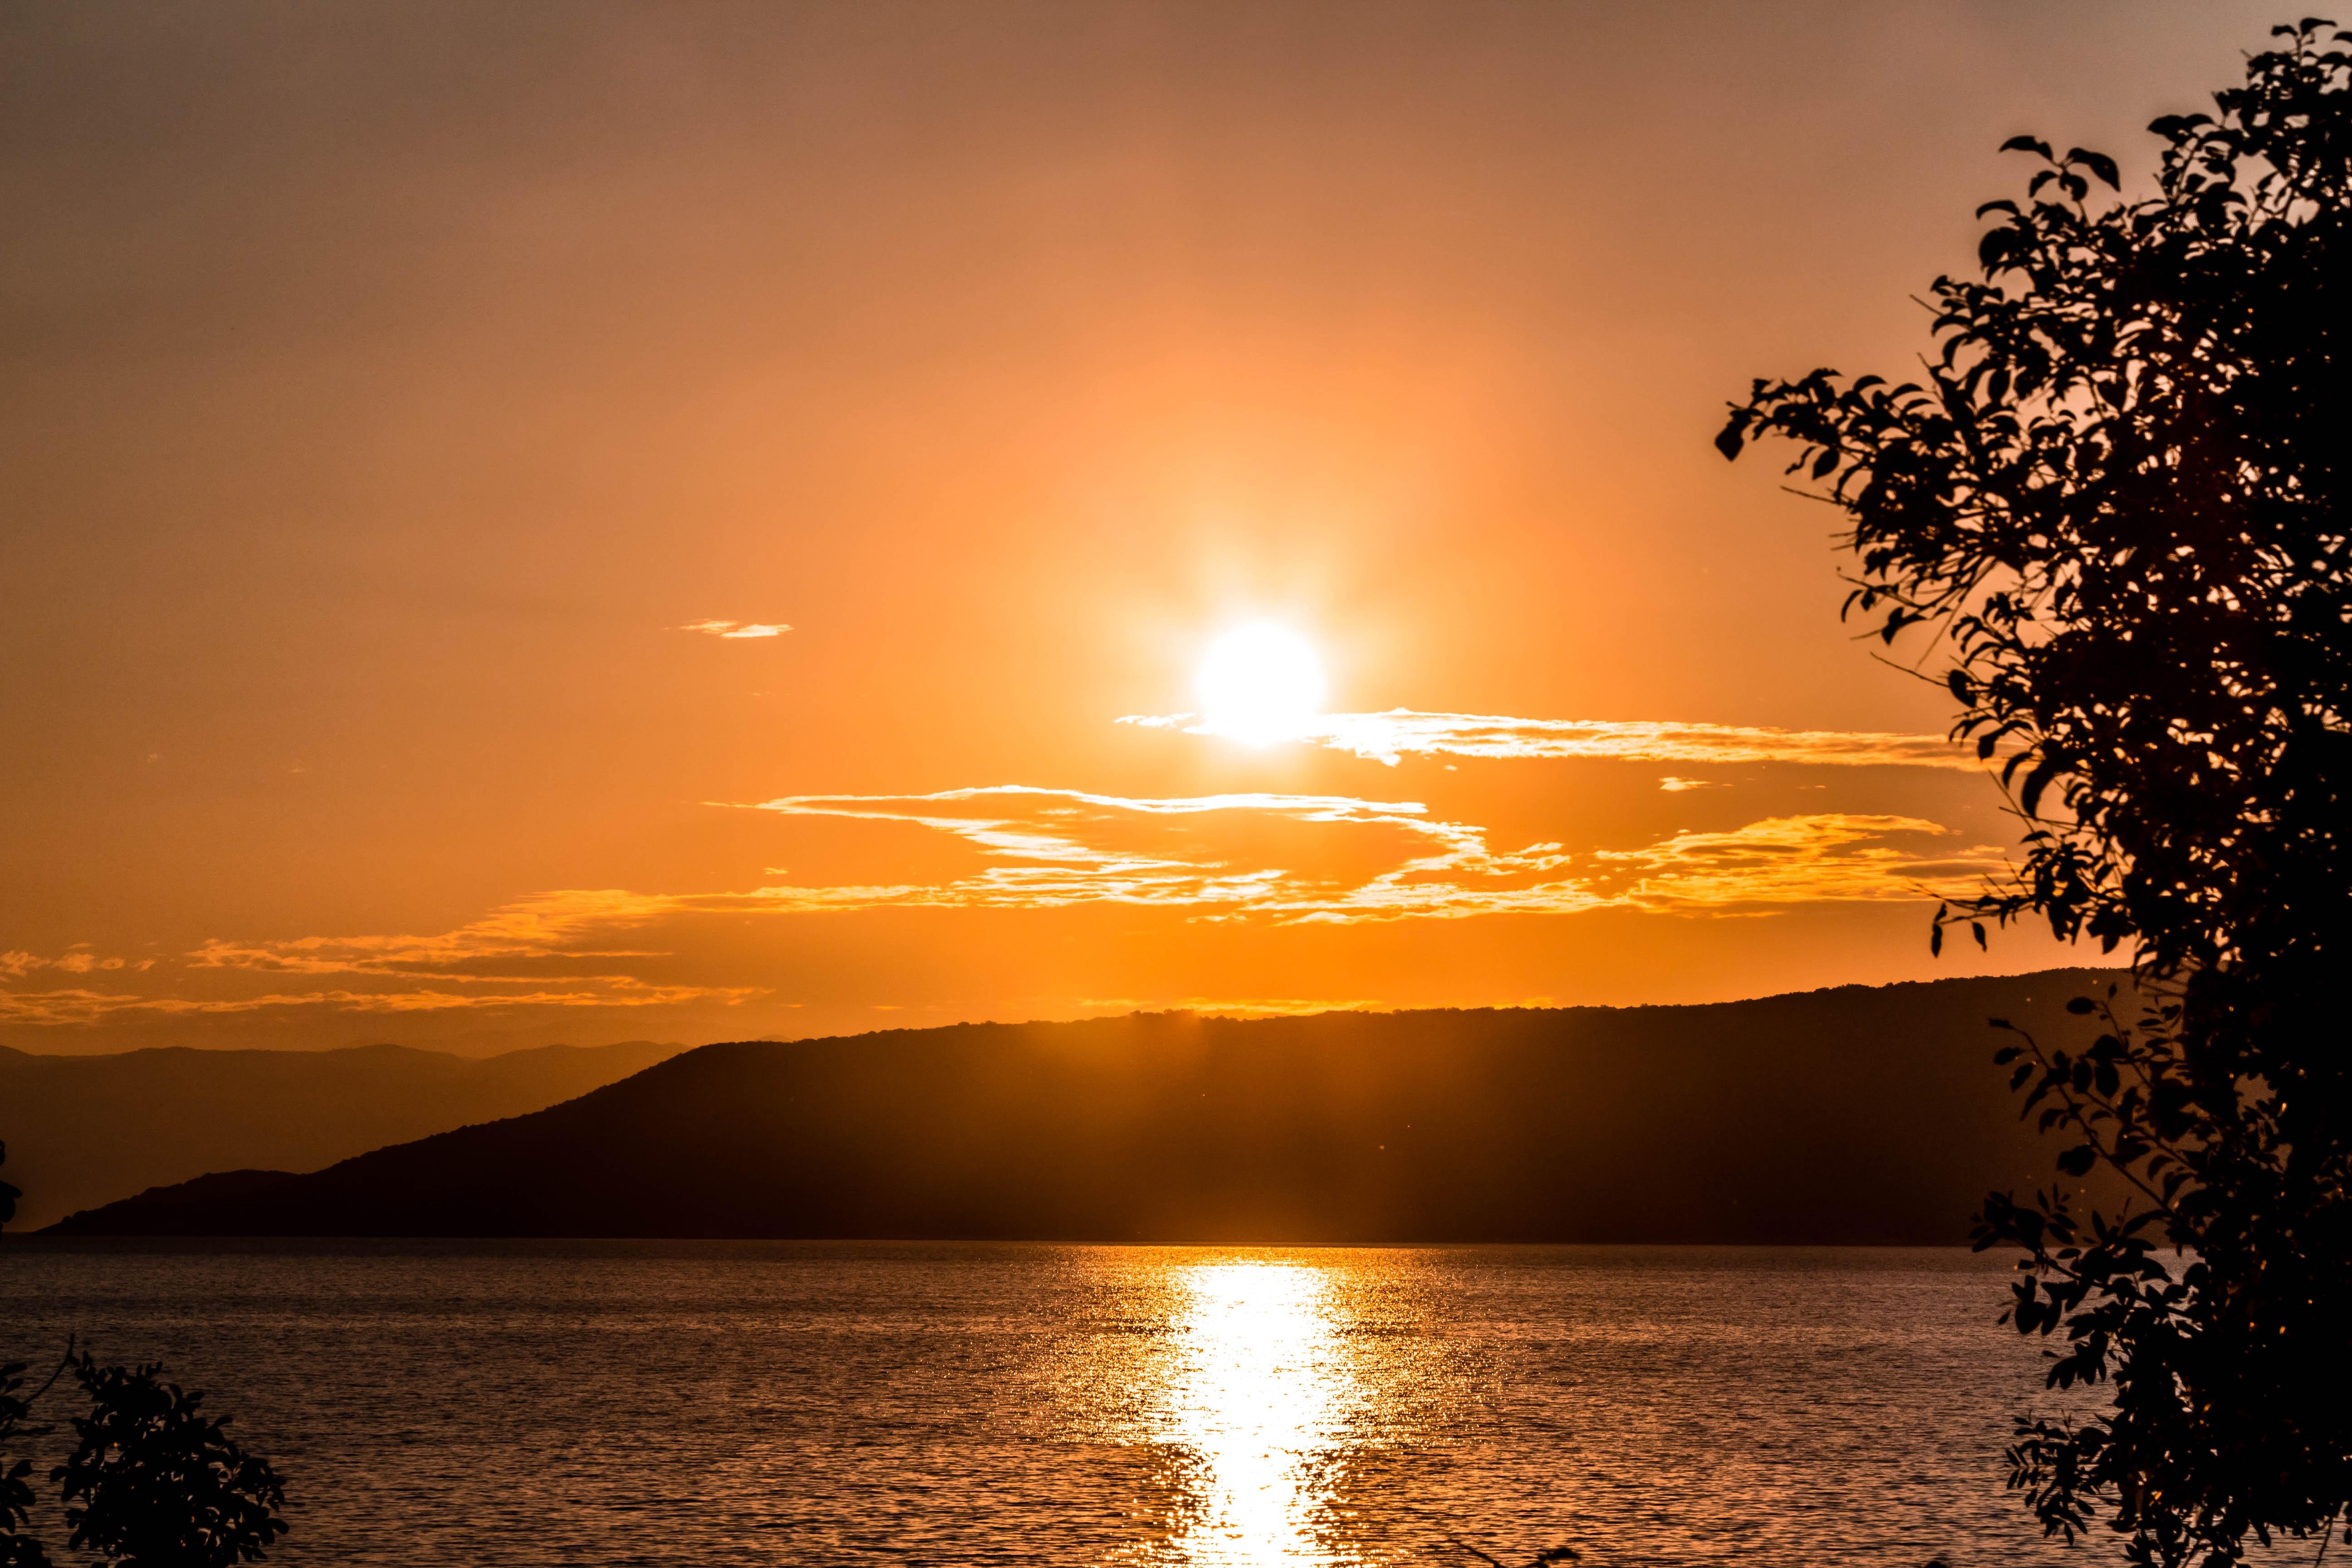 продолжим нашу фото рассвет восход солнца могут быть